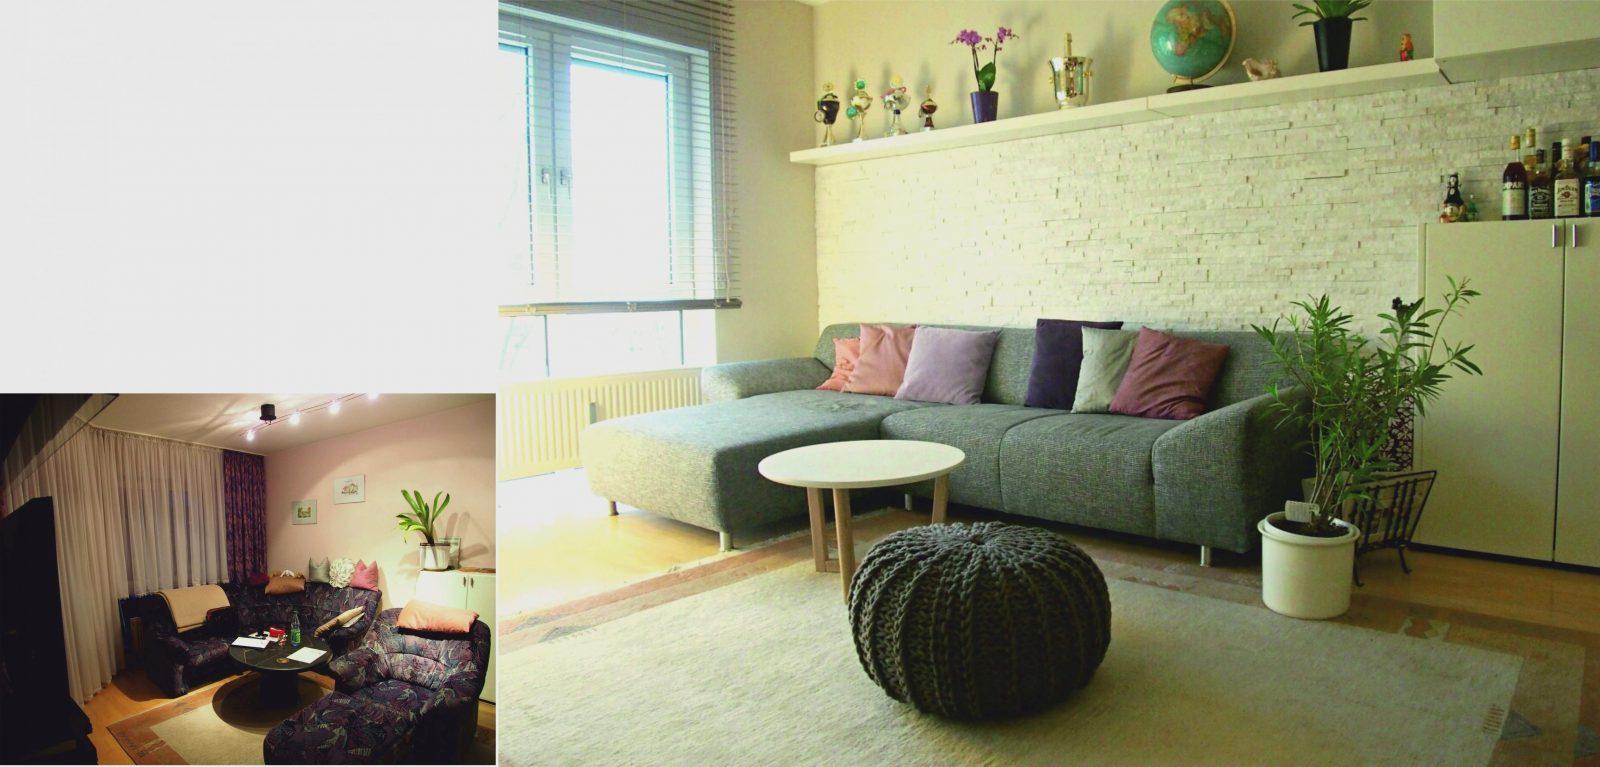 50 Beste Wohnzimmer Farblich Gestalten Ideen von Wohnzimmer Komplett Neu Gestalten Ideen Photo